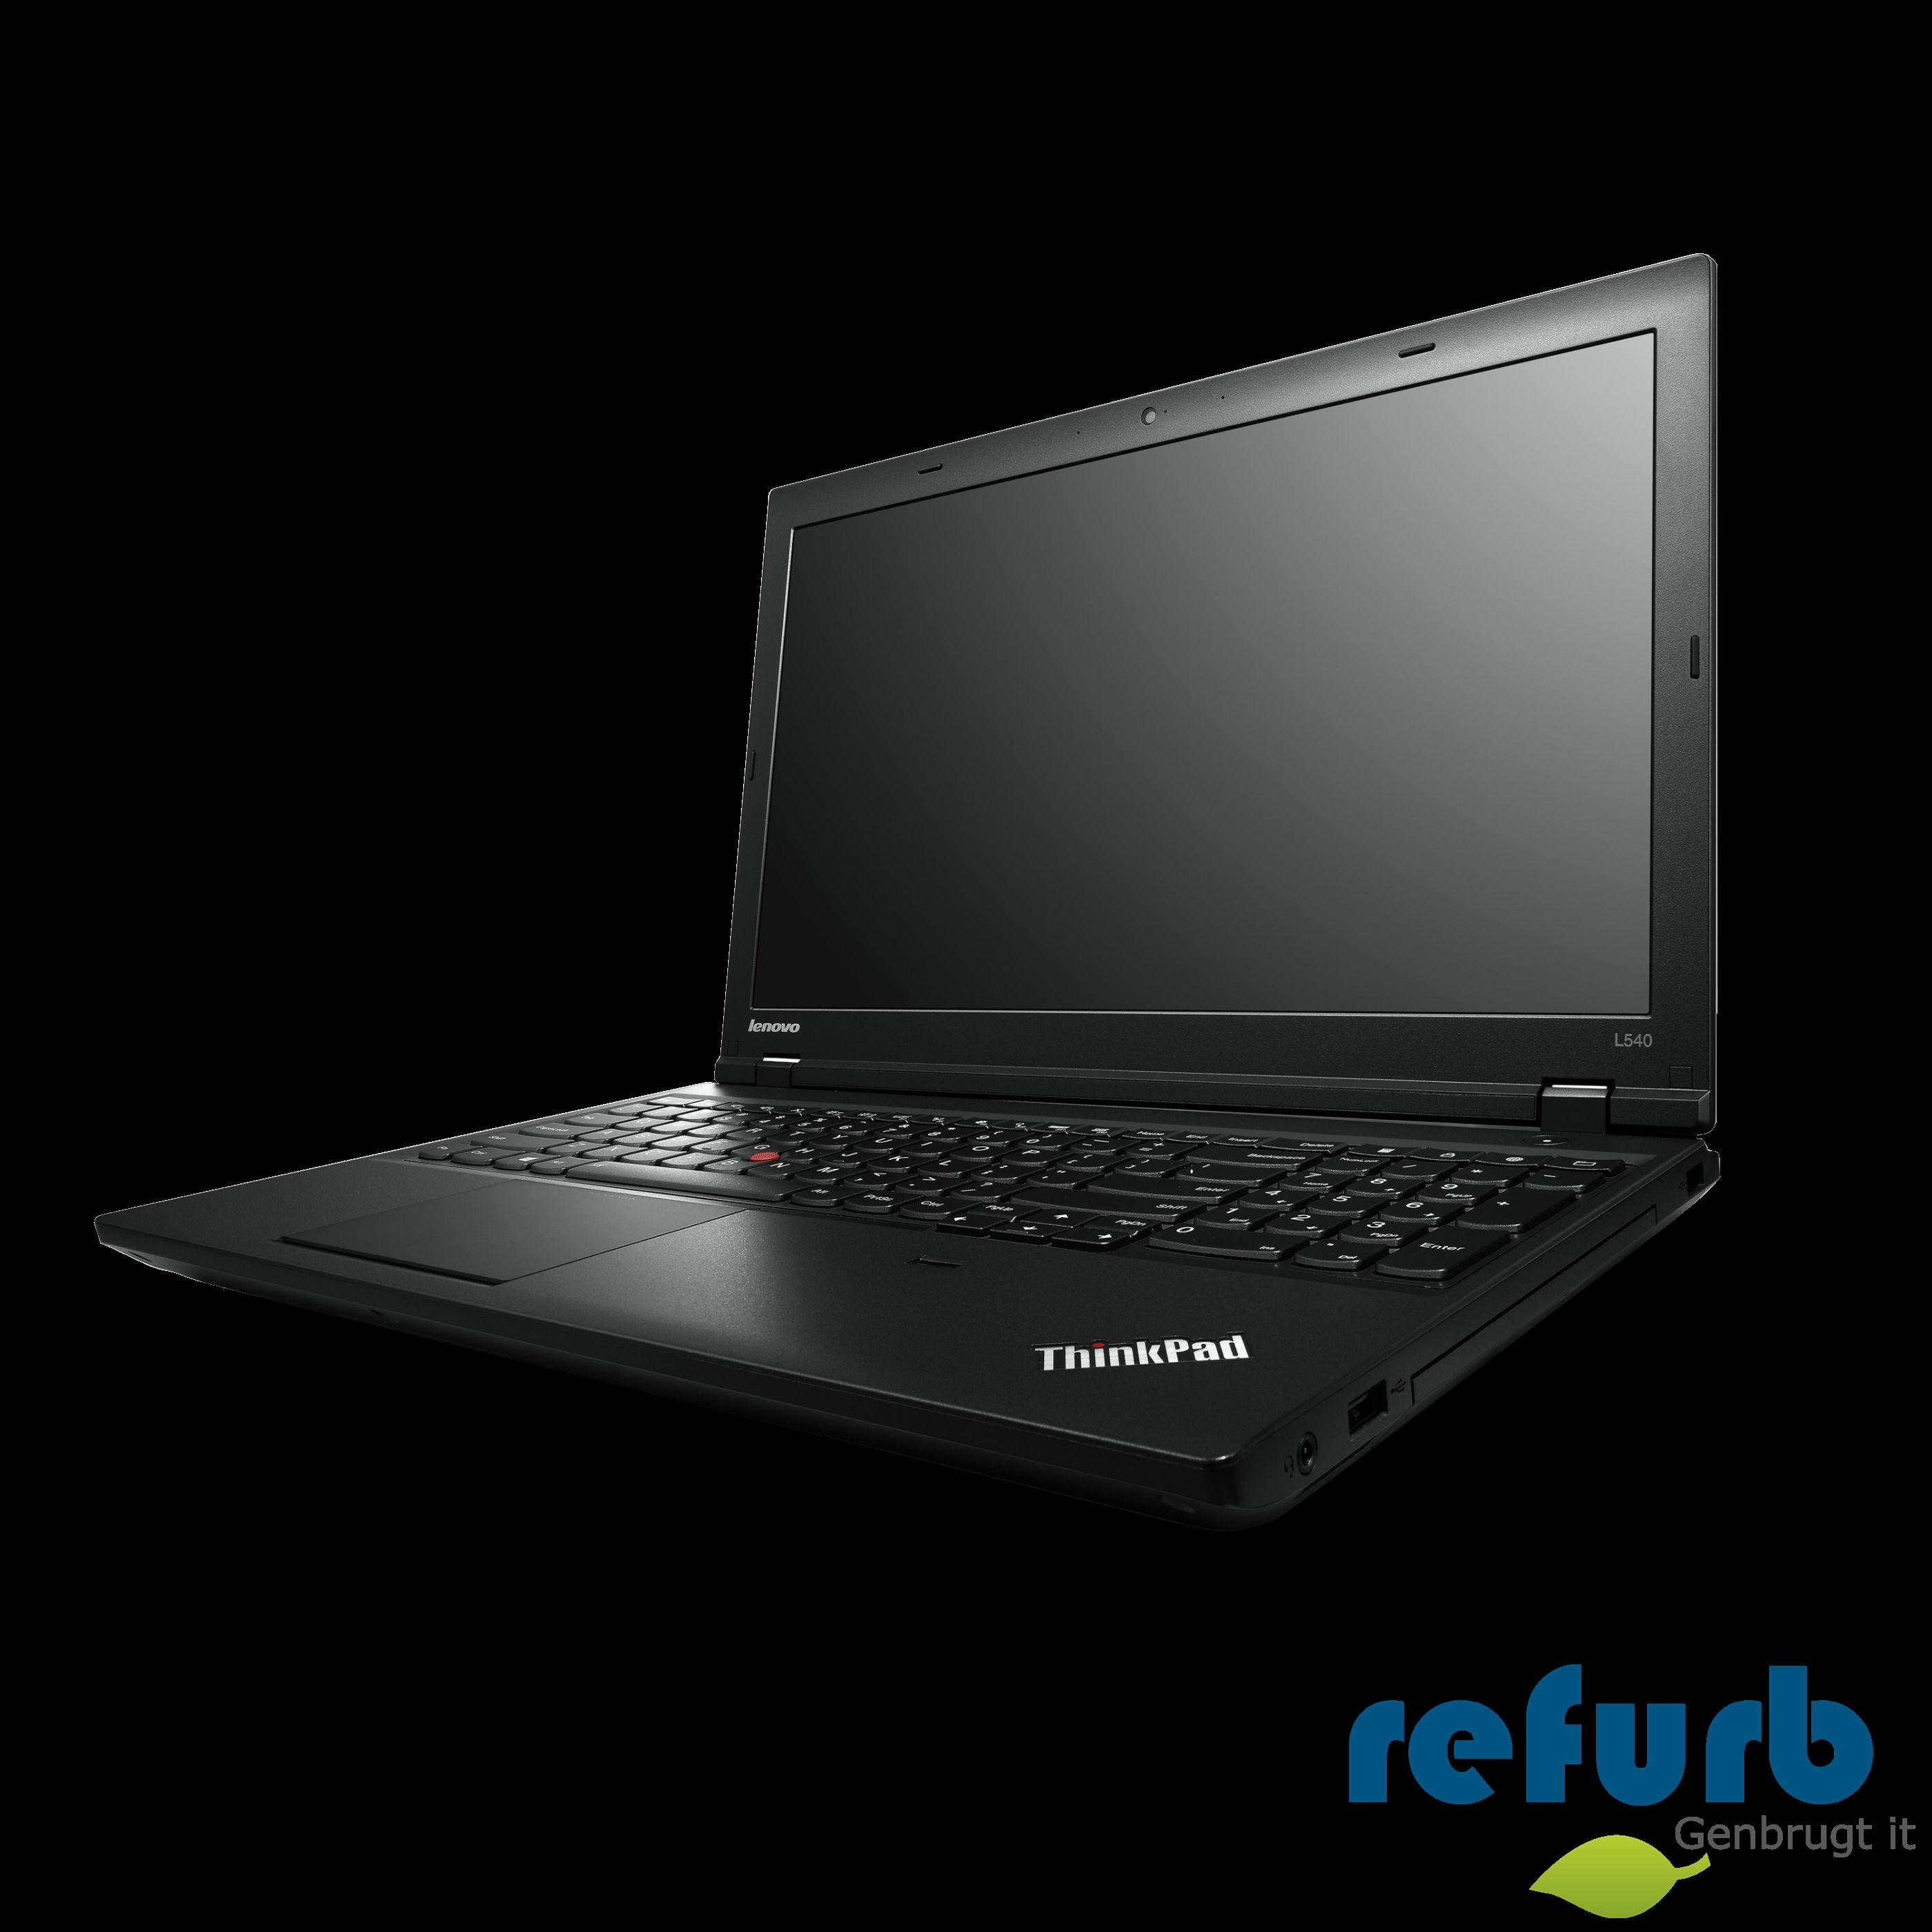 Lenovo thinkpad l540 fra Lenovo på refurb